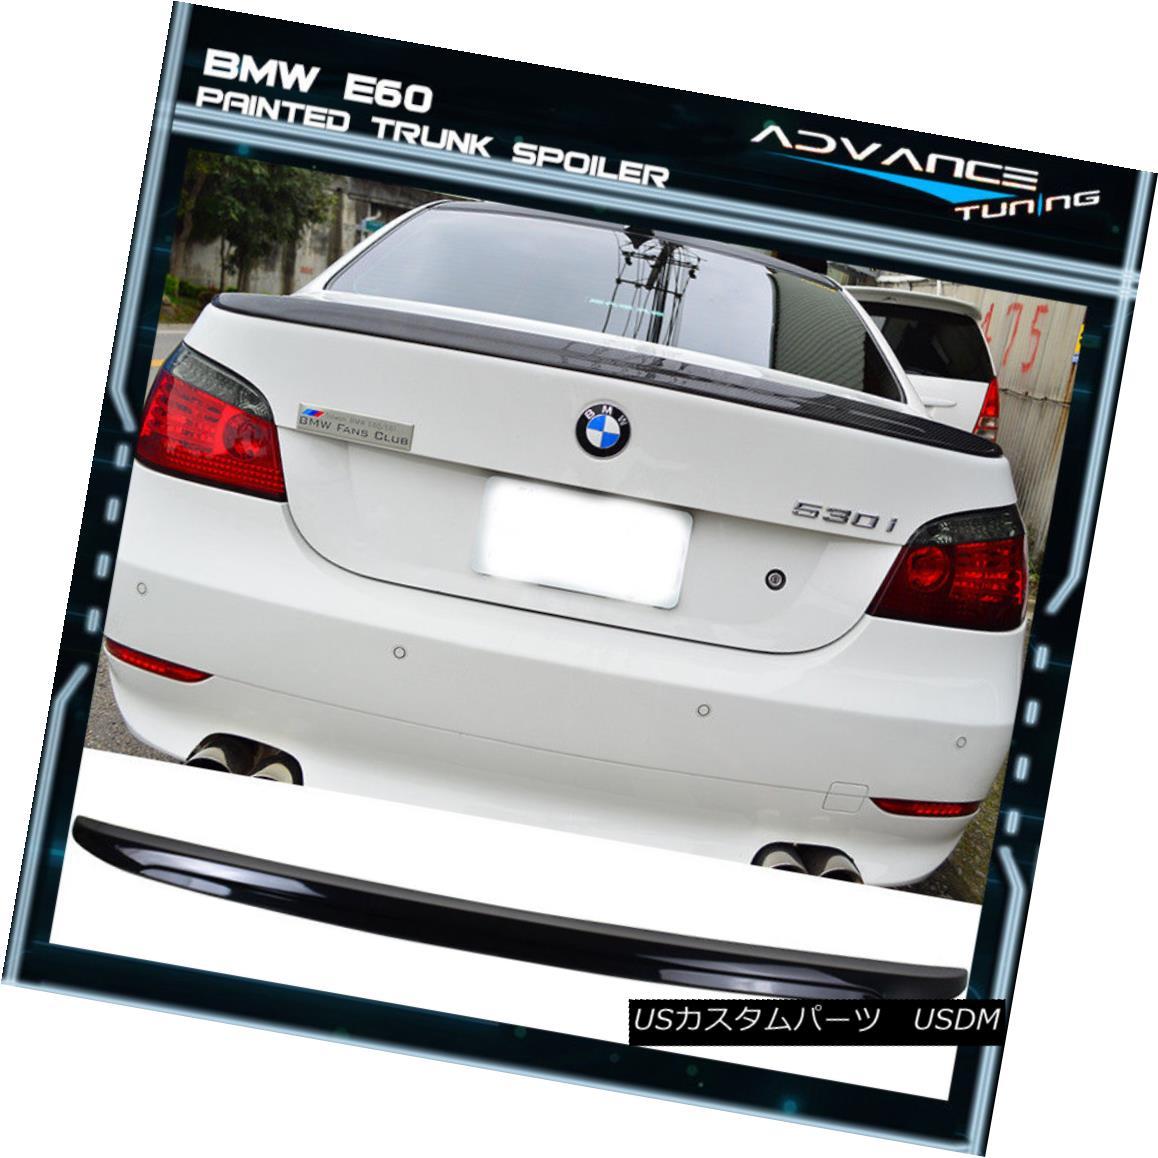 エアロパーツ 04-10 BMW E60 M5 Trunk Spoiler OEM Painted Color #416 Carbon Black Metallic 04-10 BMW E60 M5トランク・スポイラーOEM塗装カラー#416カーボンブラック・メタリック